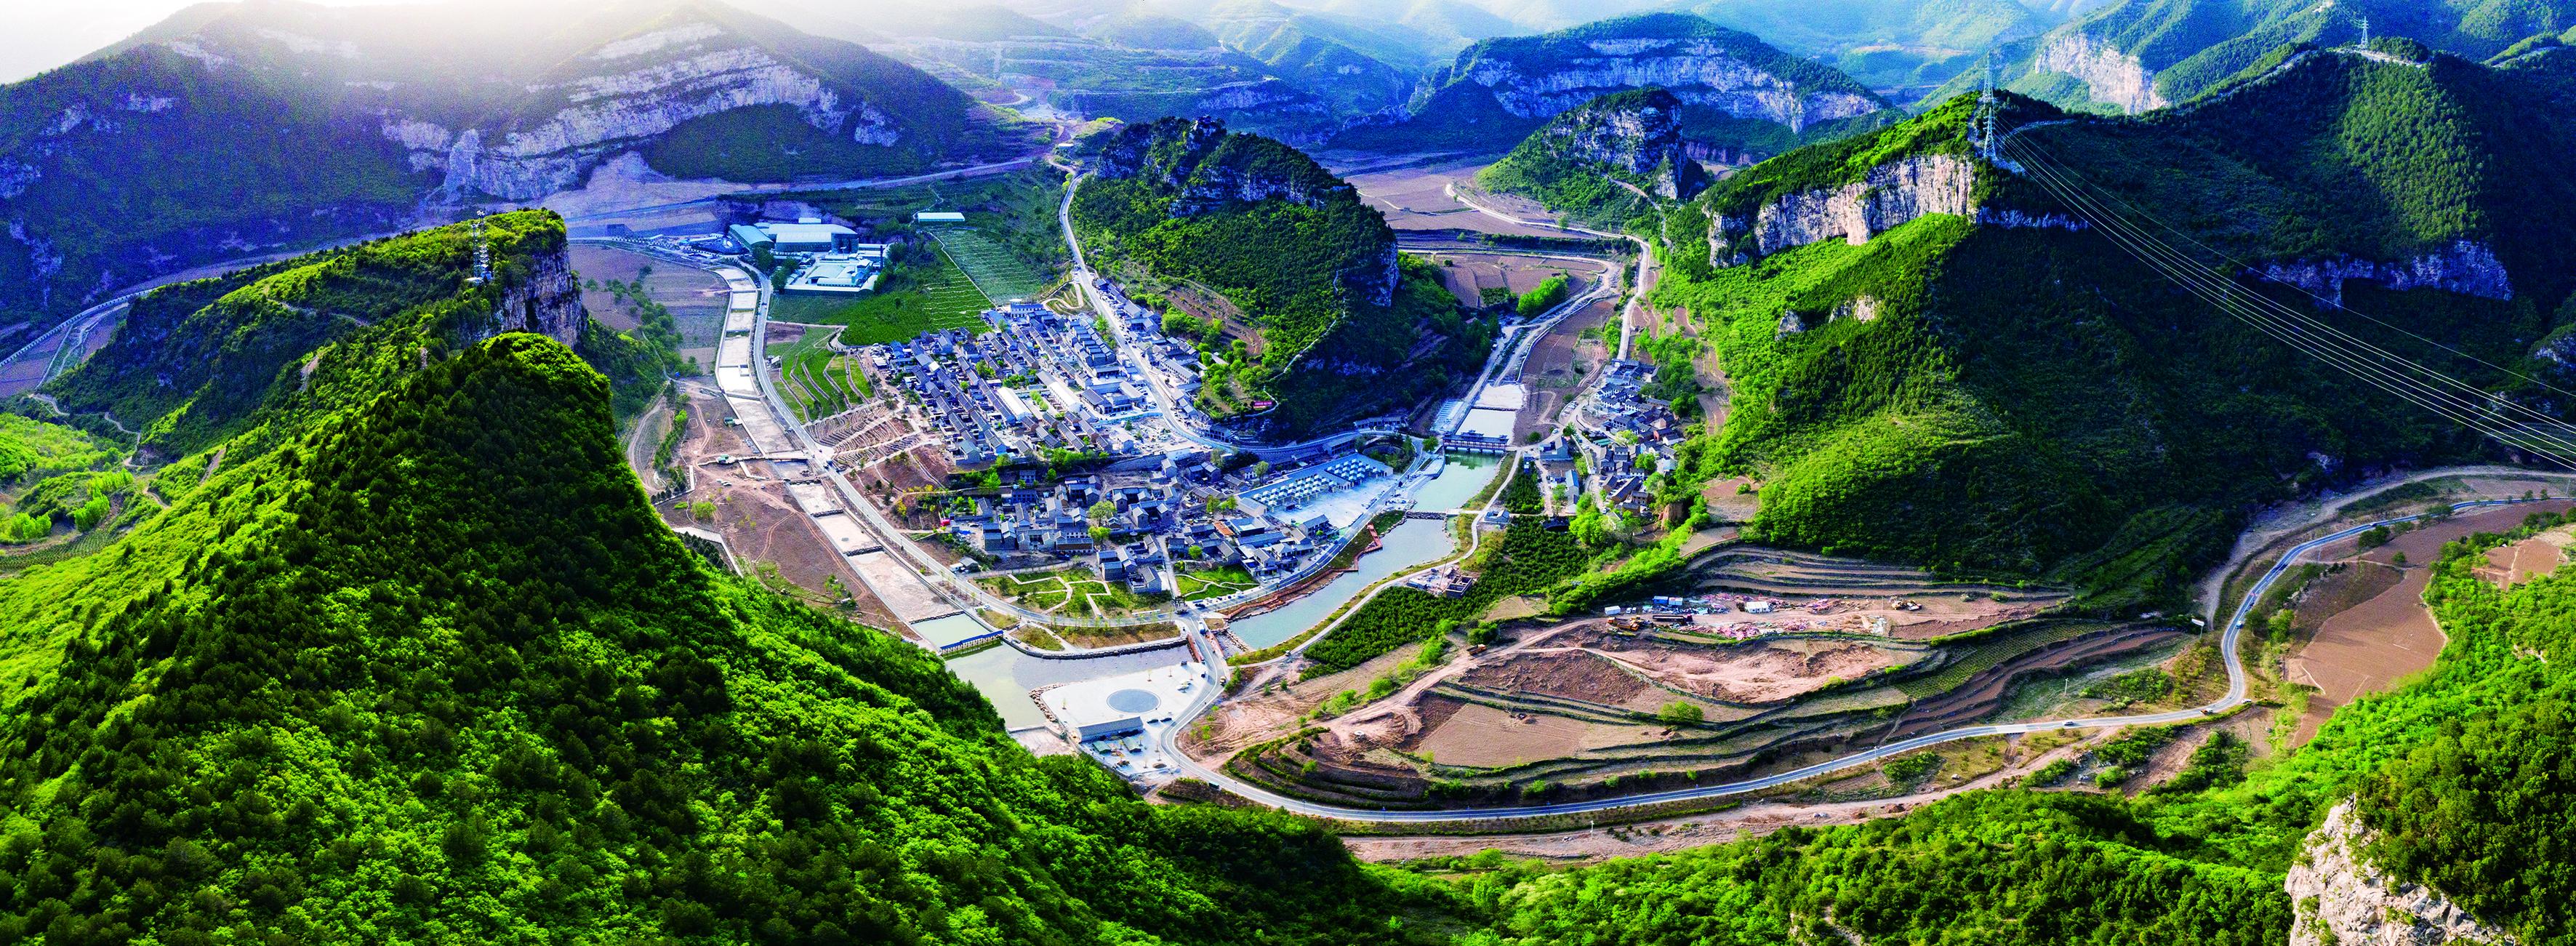 """山西晋城:""""百村百院""""蹚出文旅康养产业新路径"""